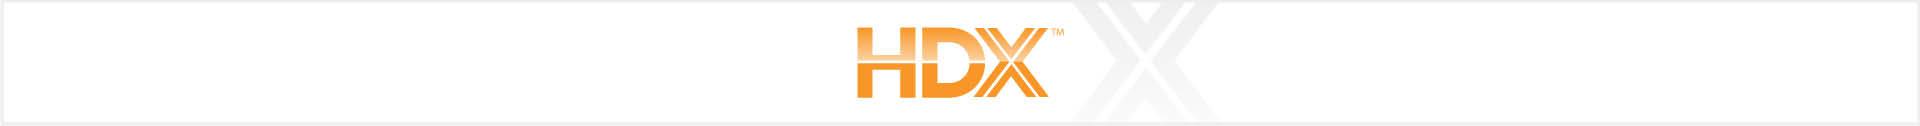 HDX Banner